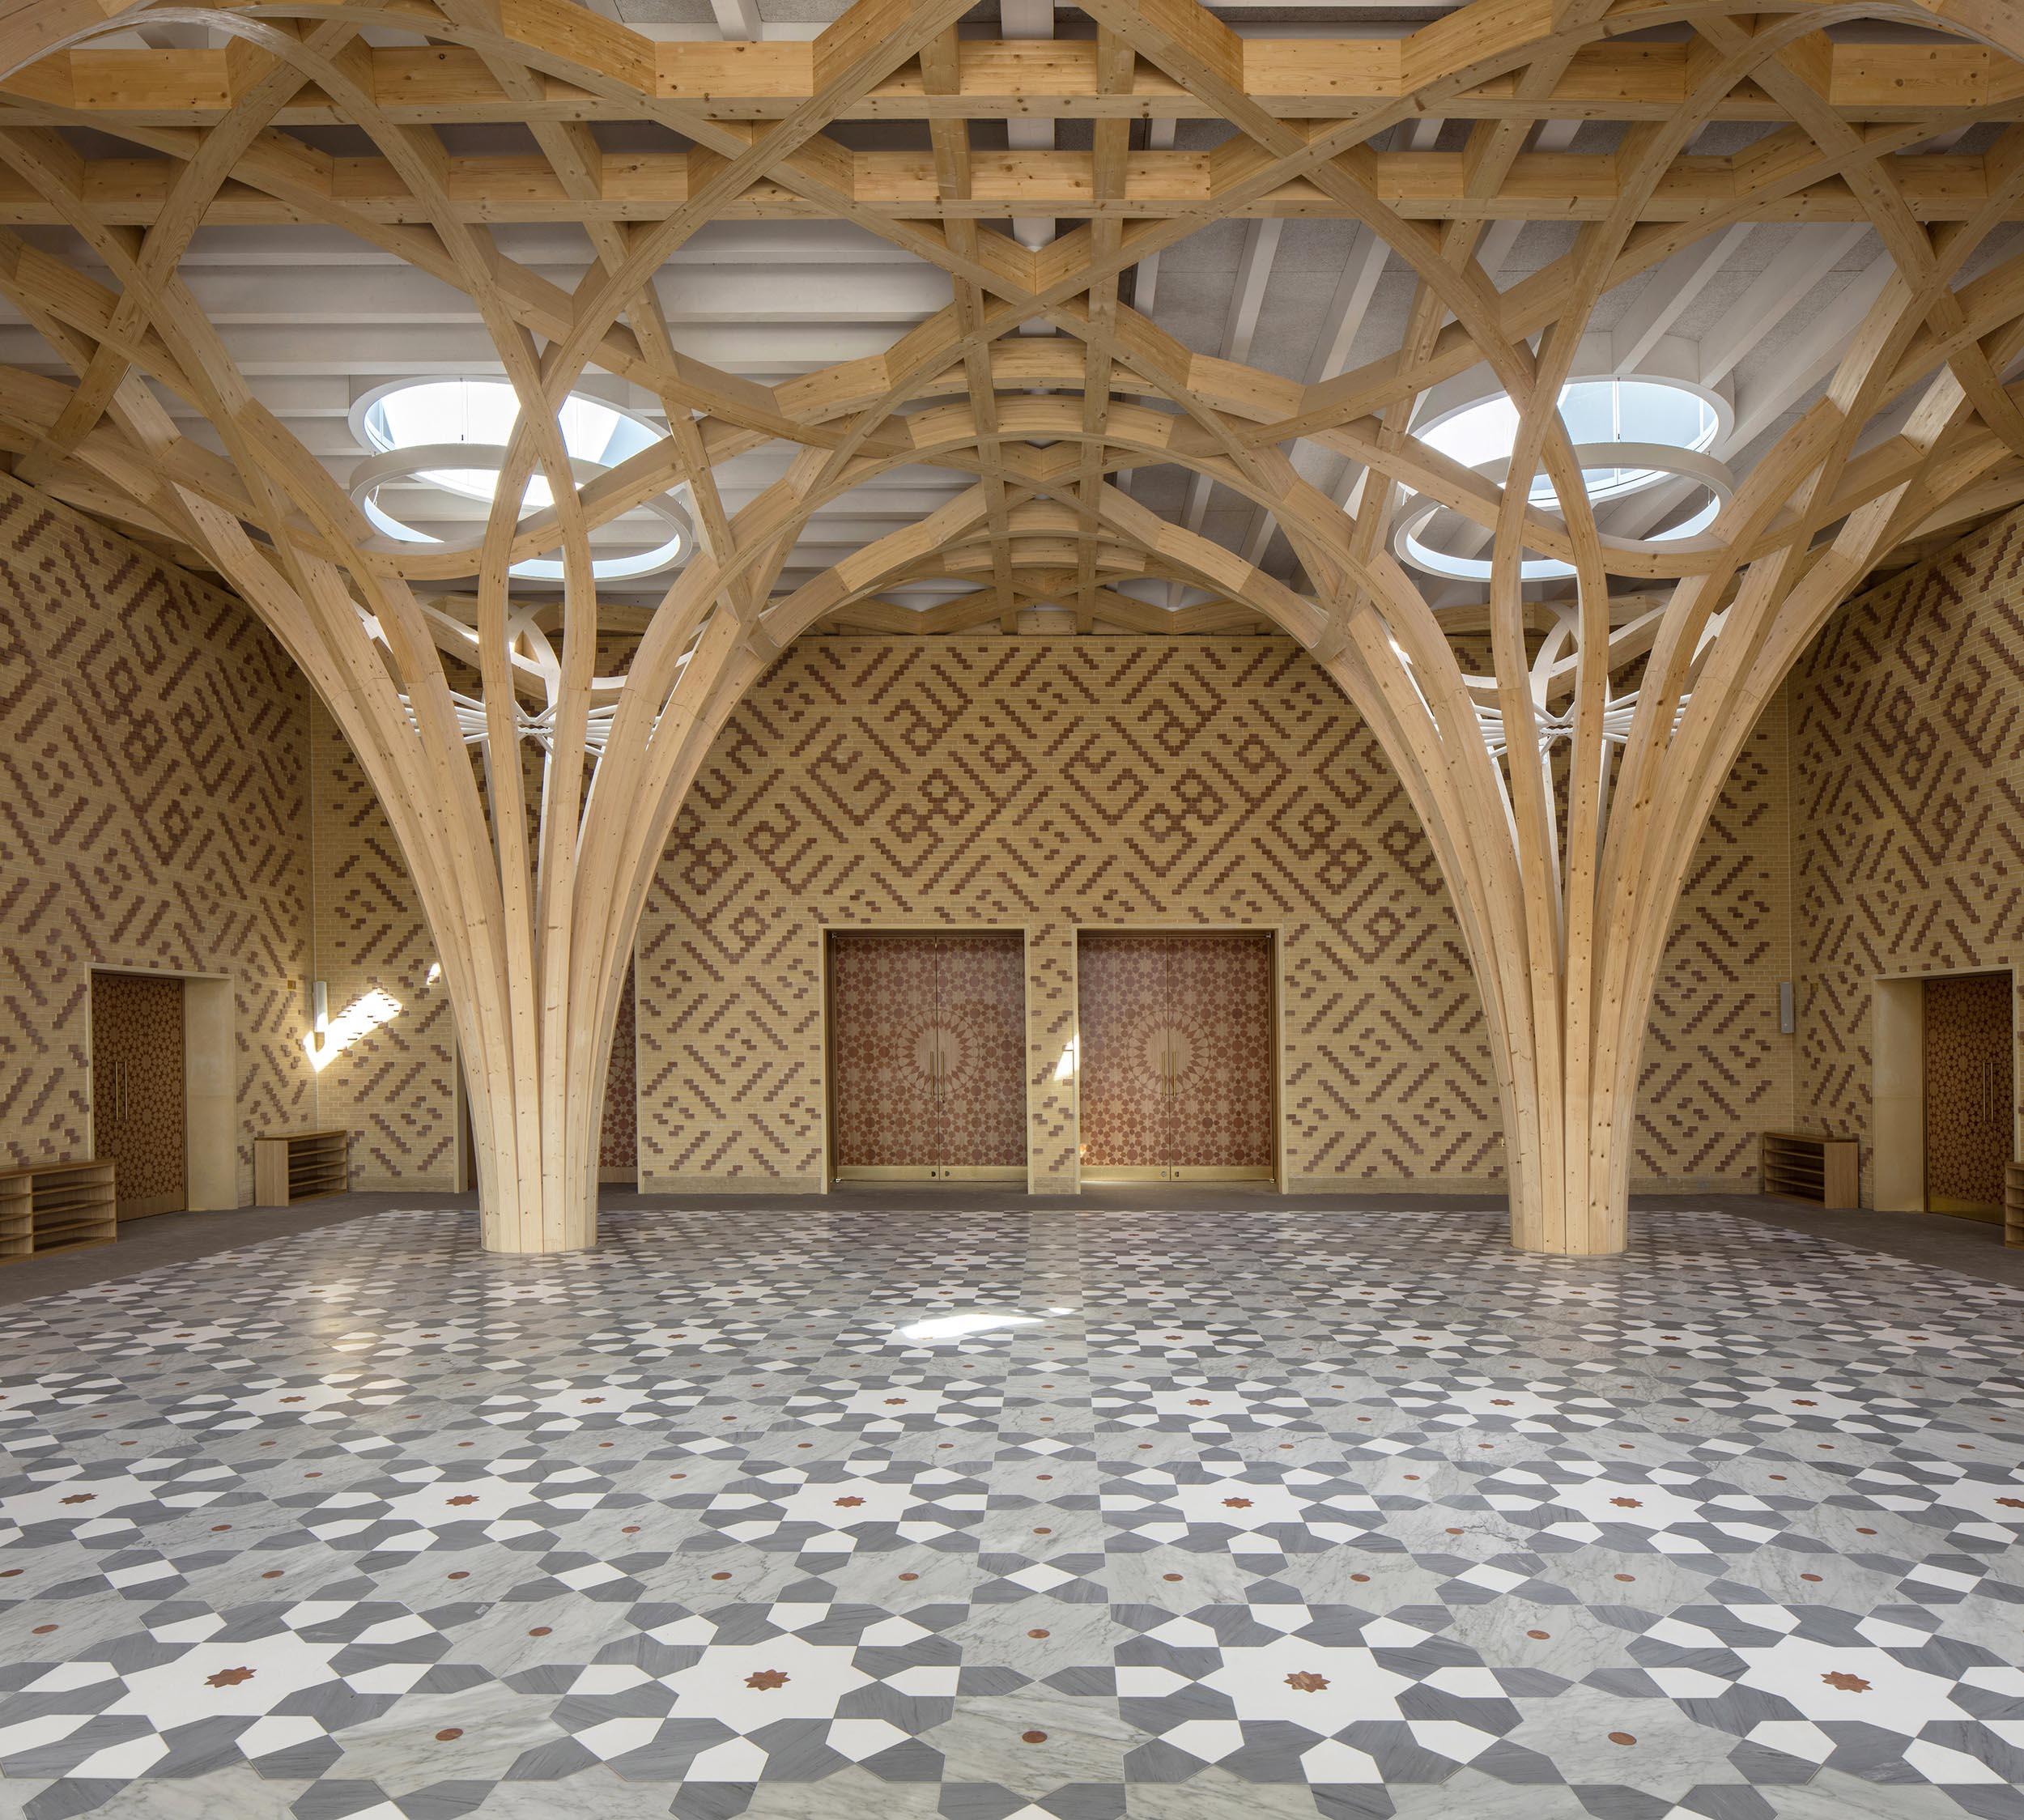 Cambridge Mosque - Atrium Columns - by Marks Barfield Architects, photo Morley von Sternberg